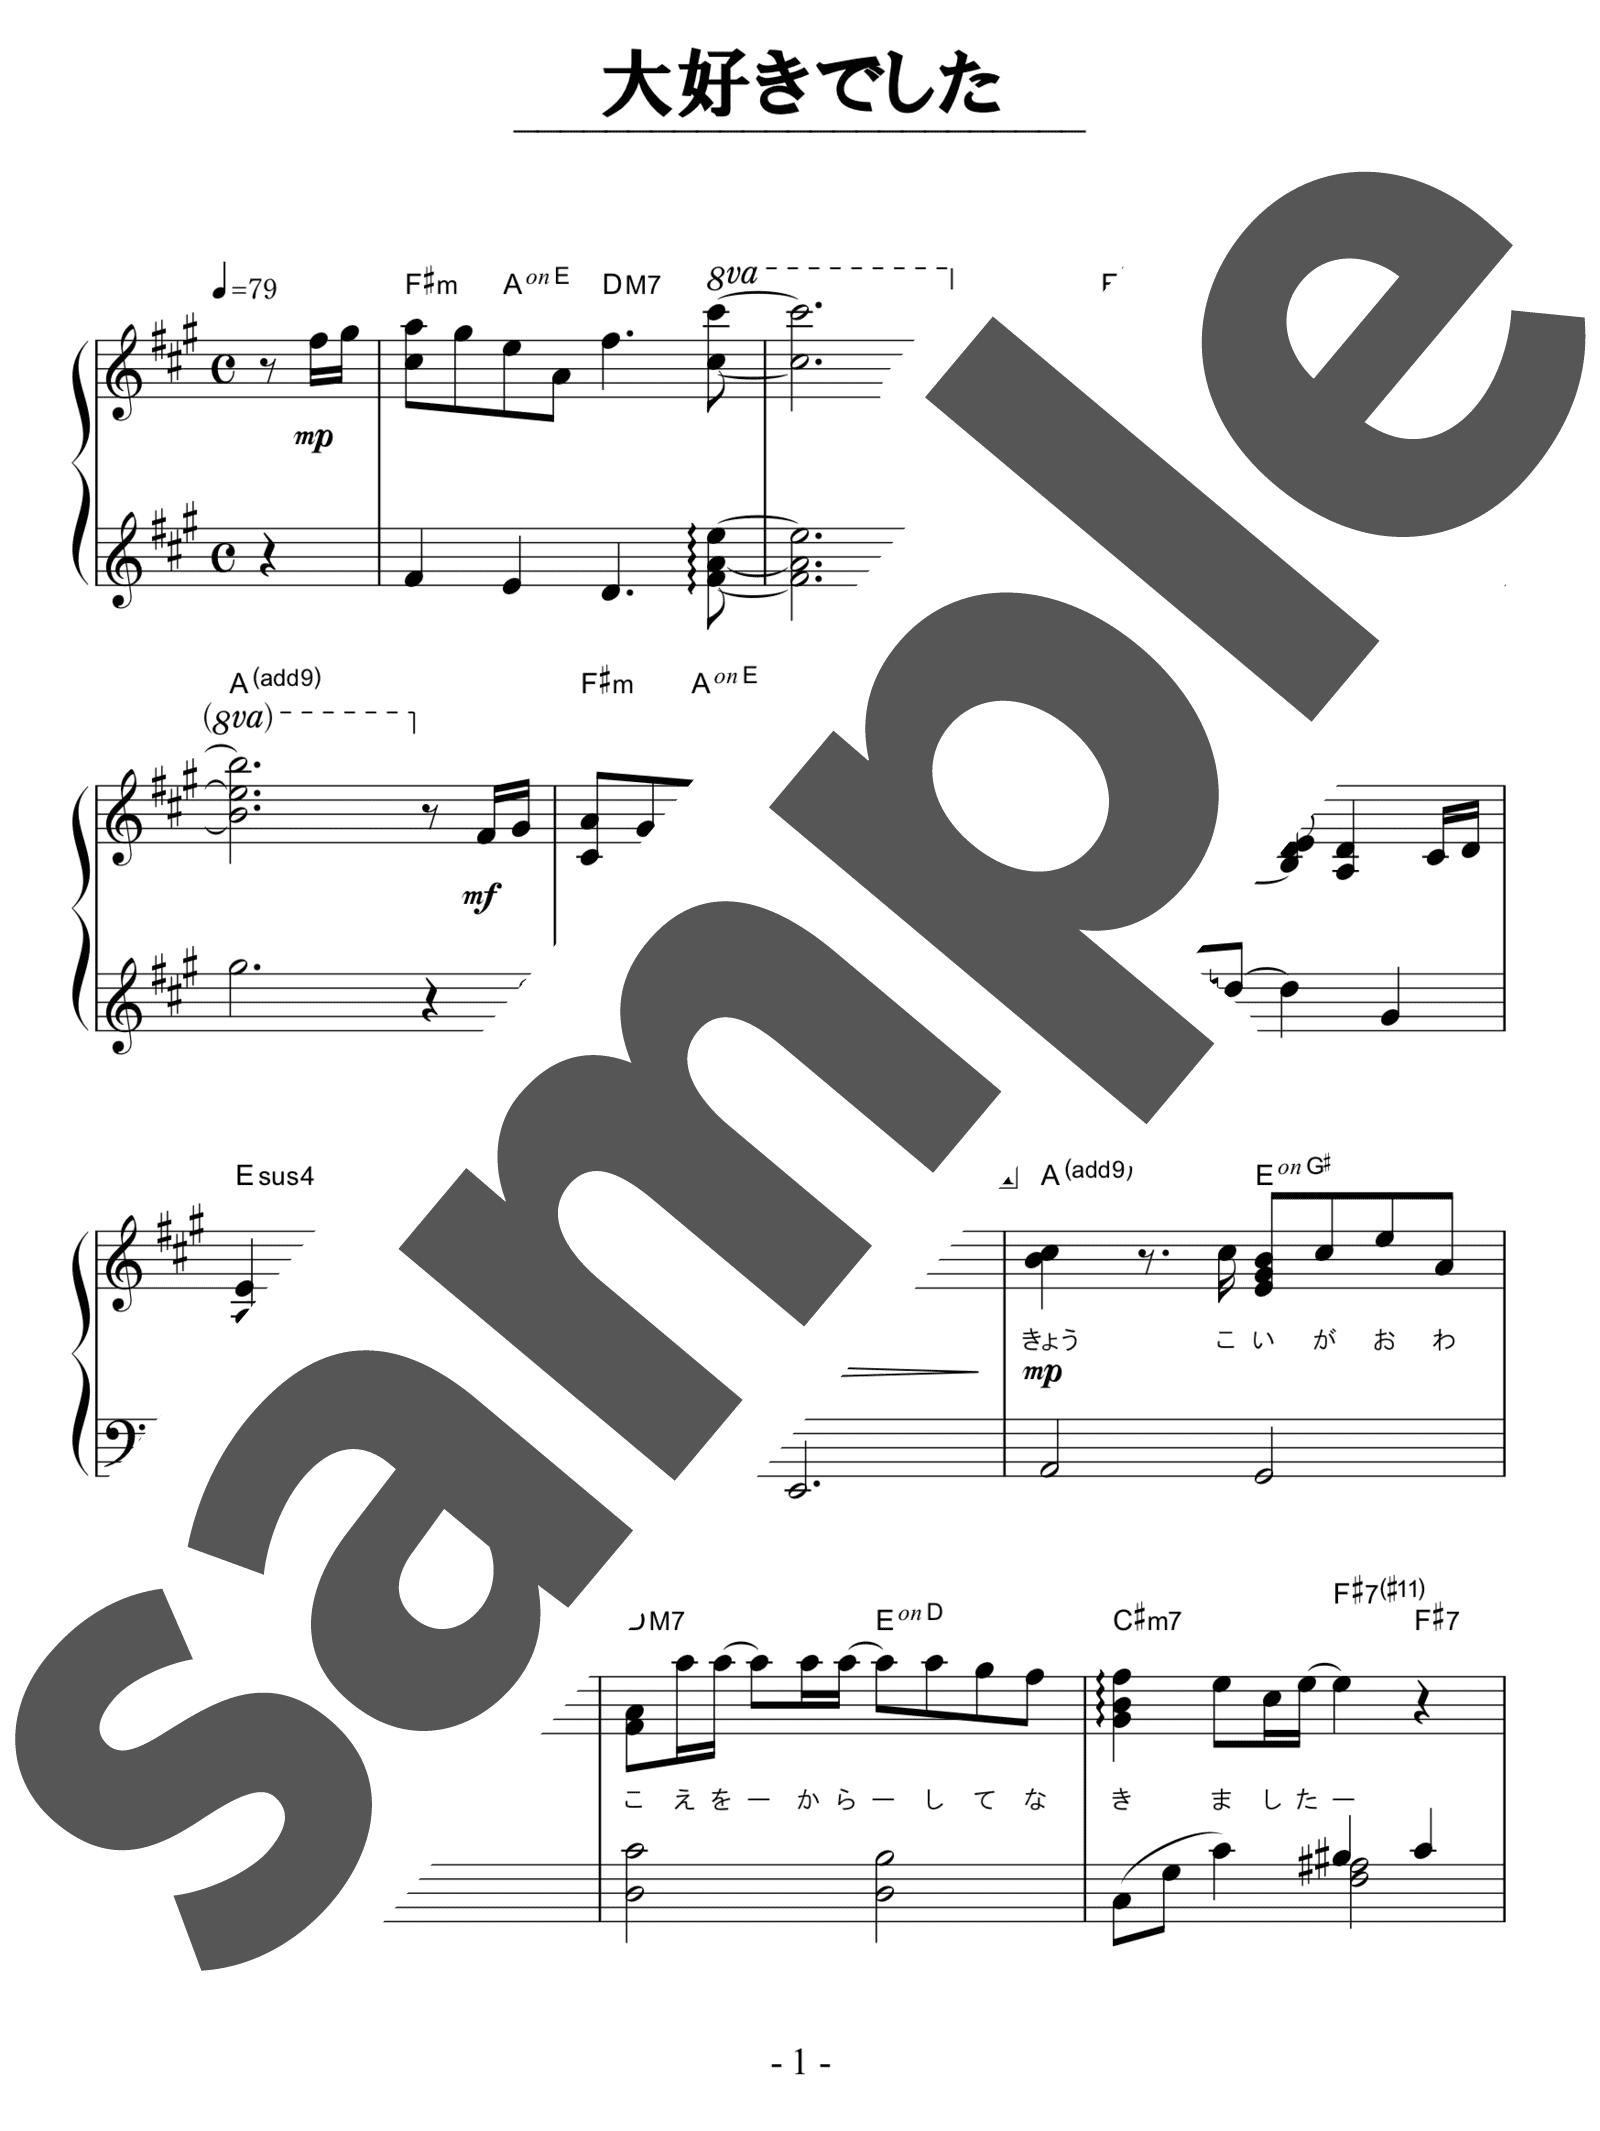 「大好きでした」のサンプル楽譜